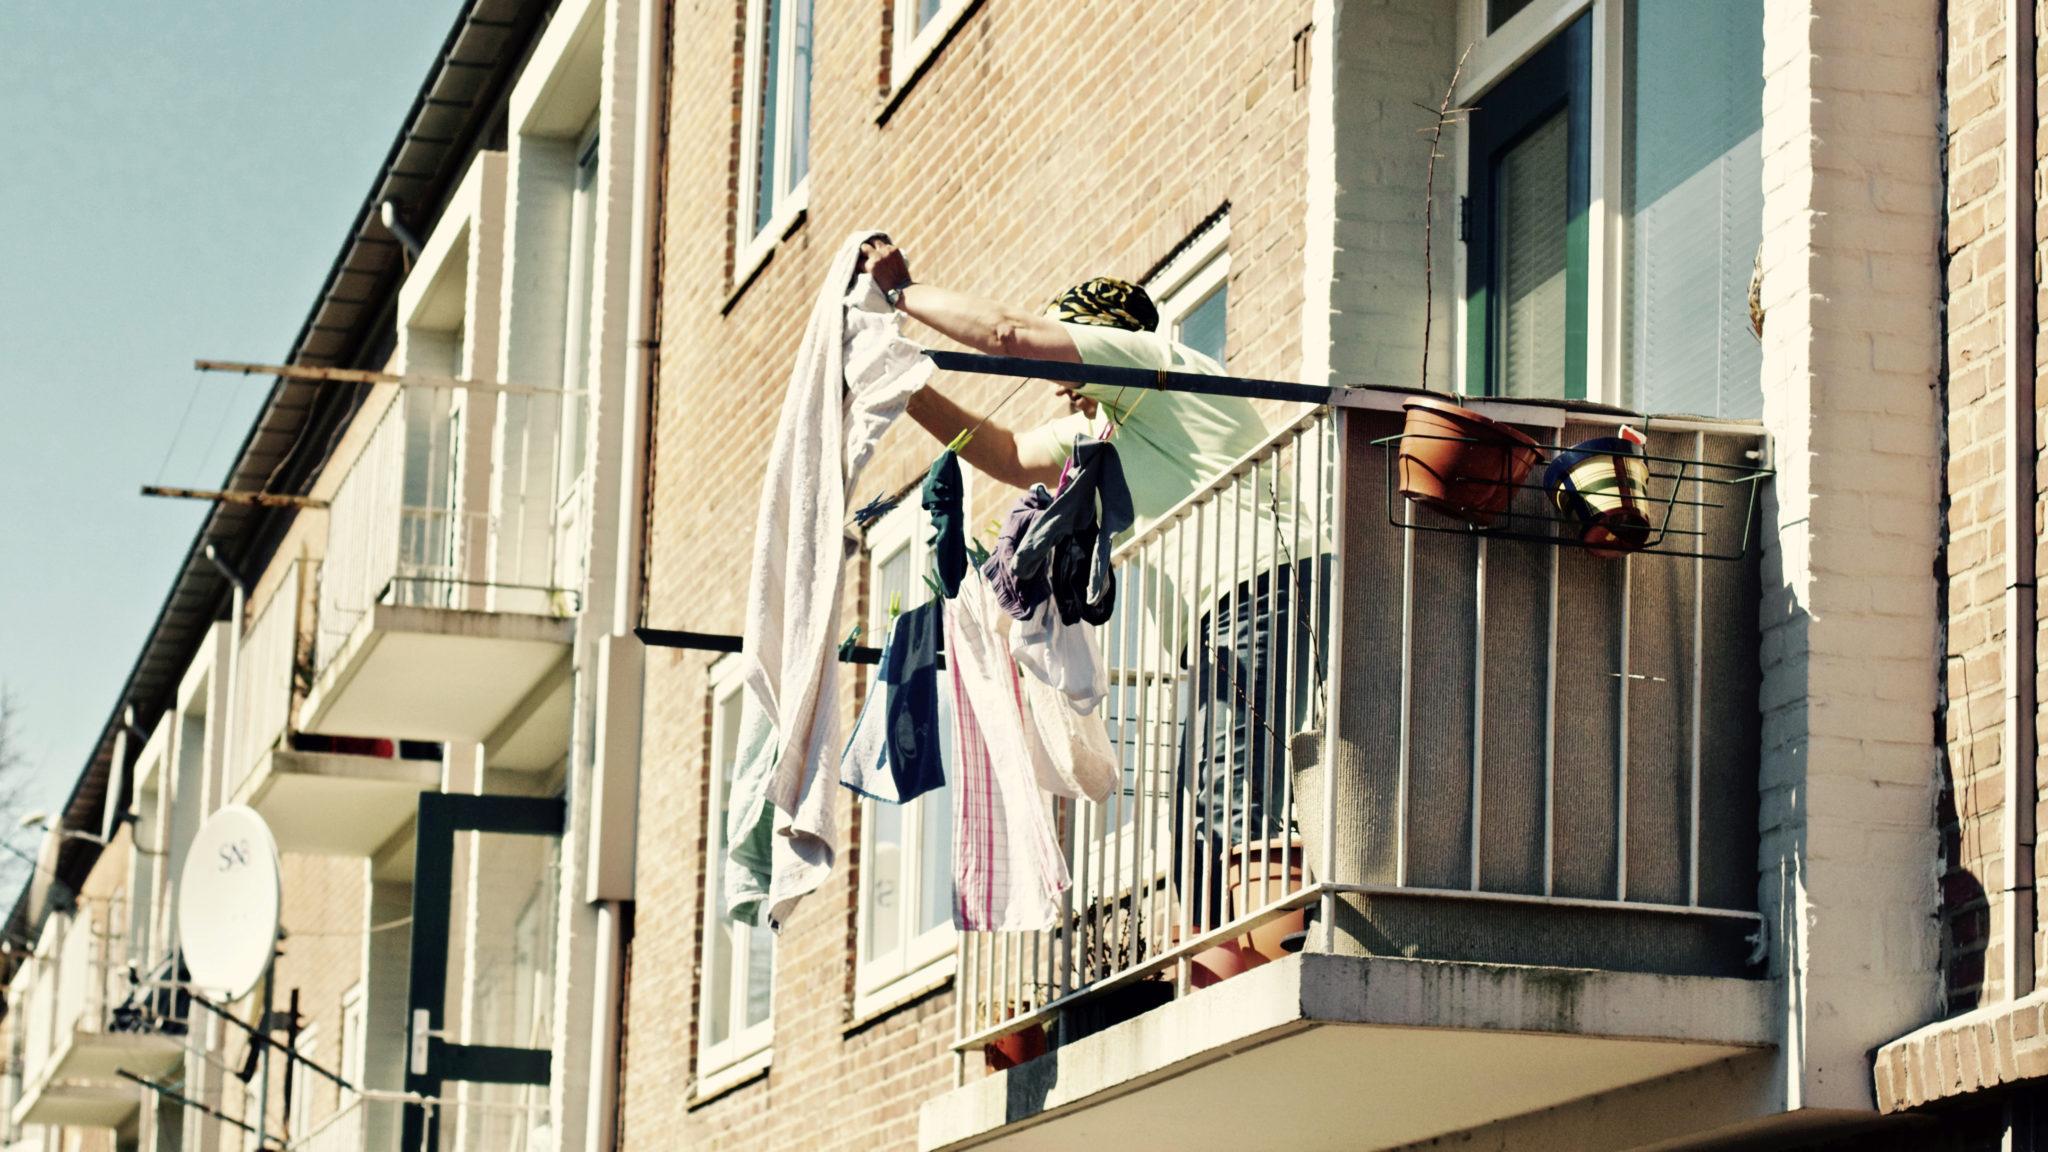 В ляховичах пьяный мужчина сорвался с балкона.